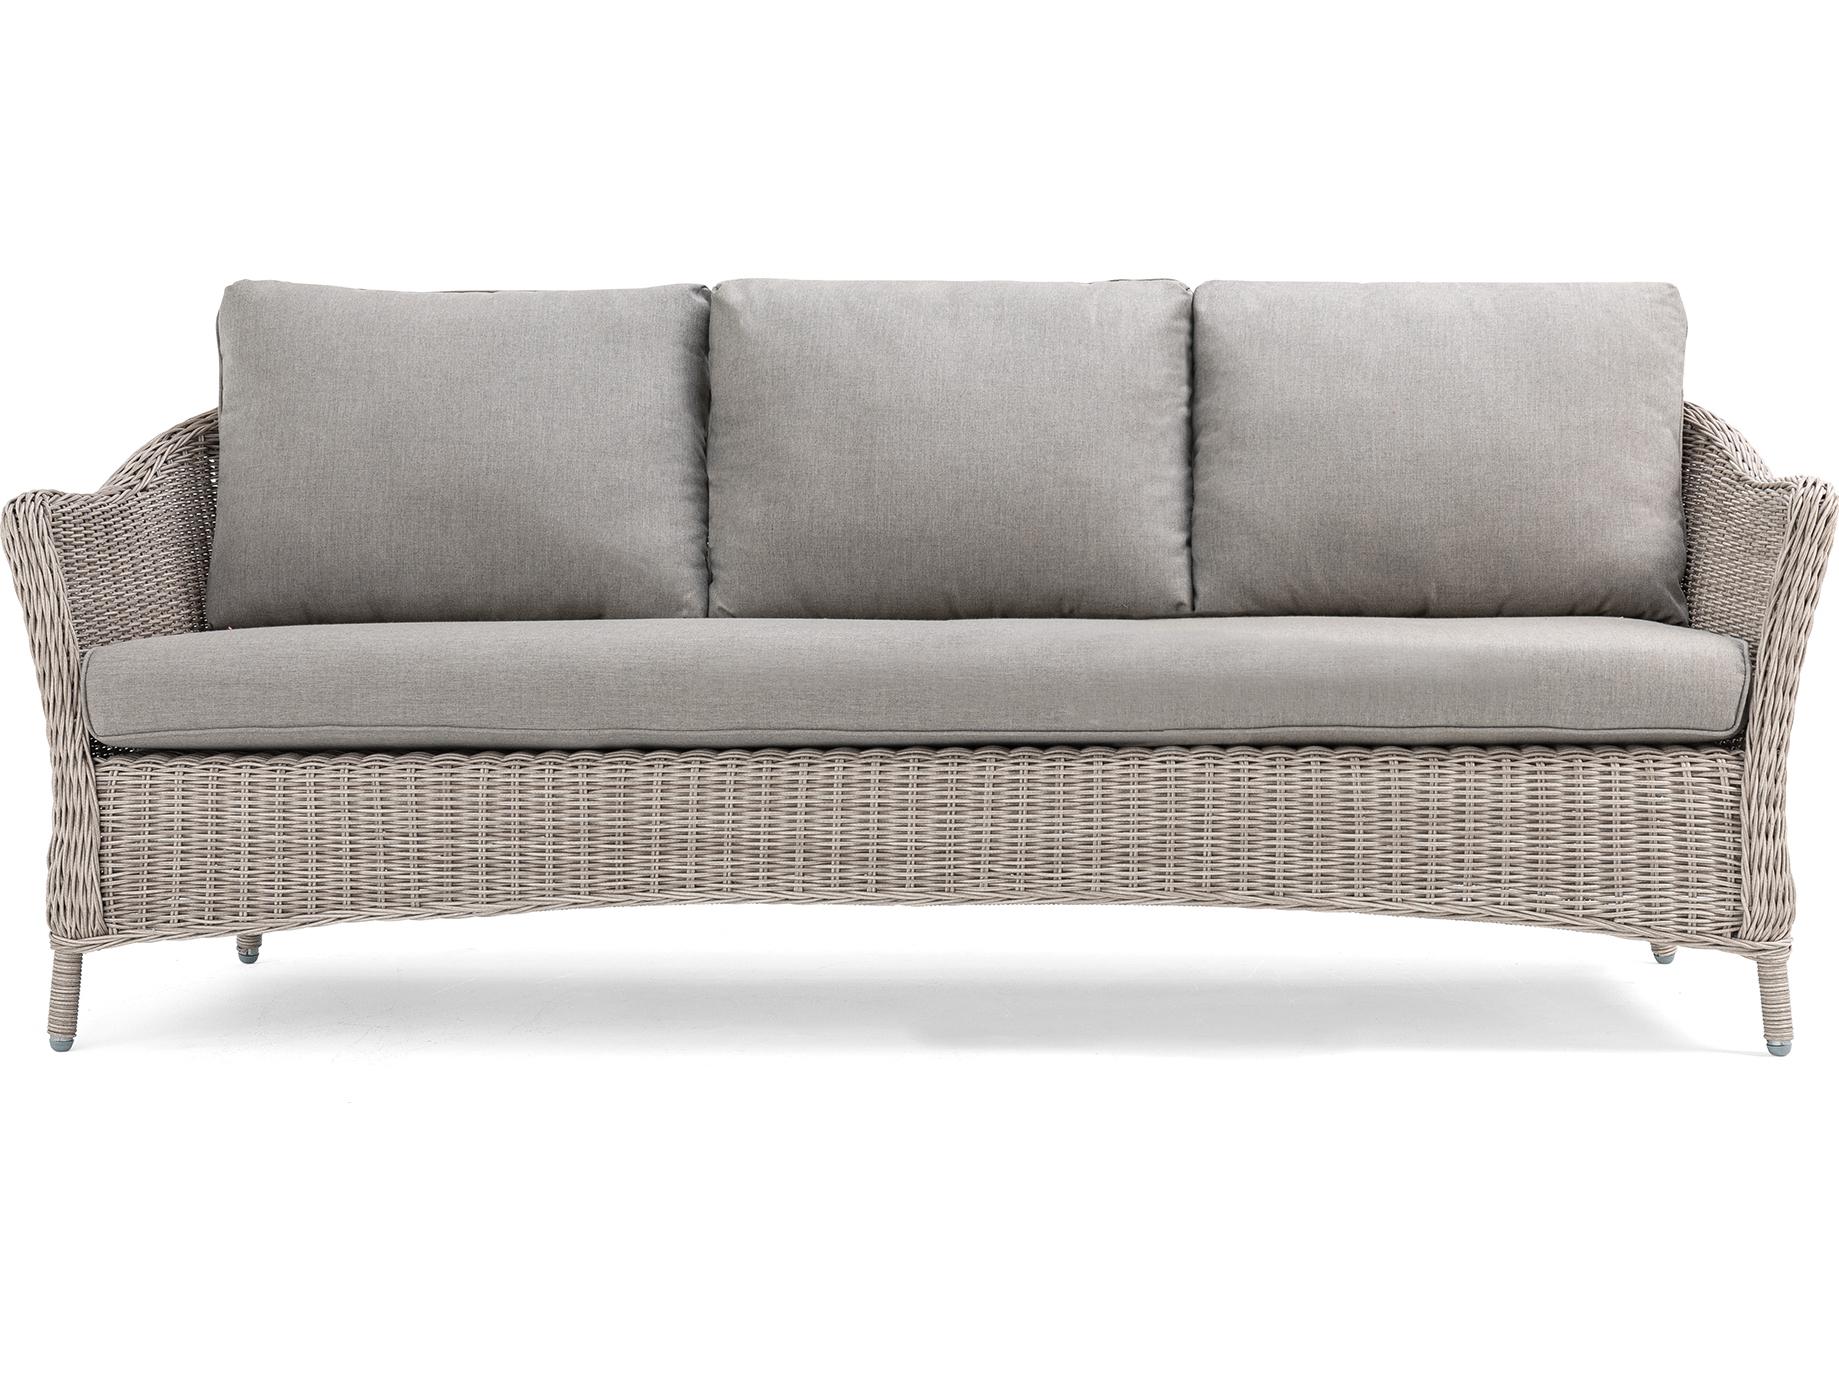 La Z Boy Quick Ship Laurel Cushion Gray Wicker Sofa In Regarding Newest Laurel Gray Sofas (View 2 of 20)